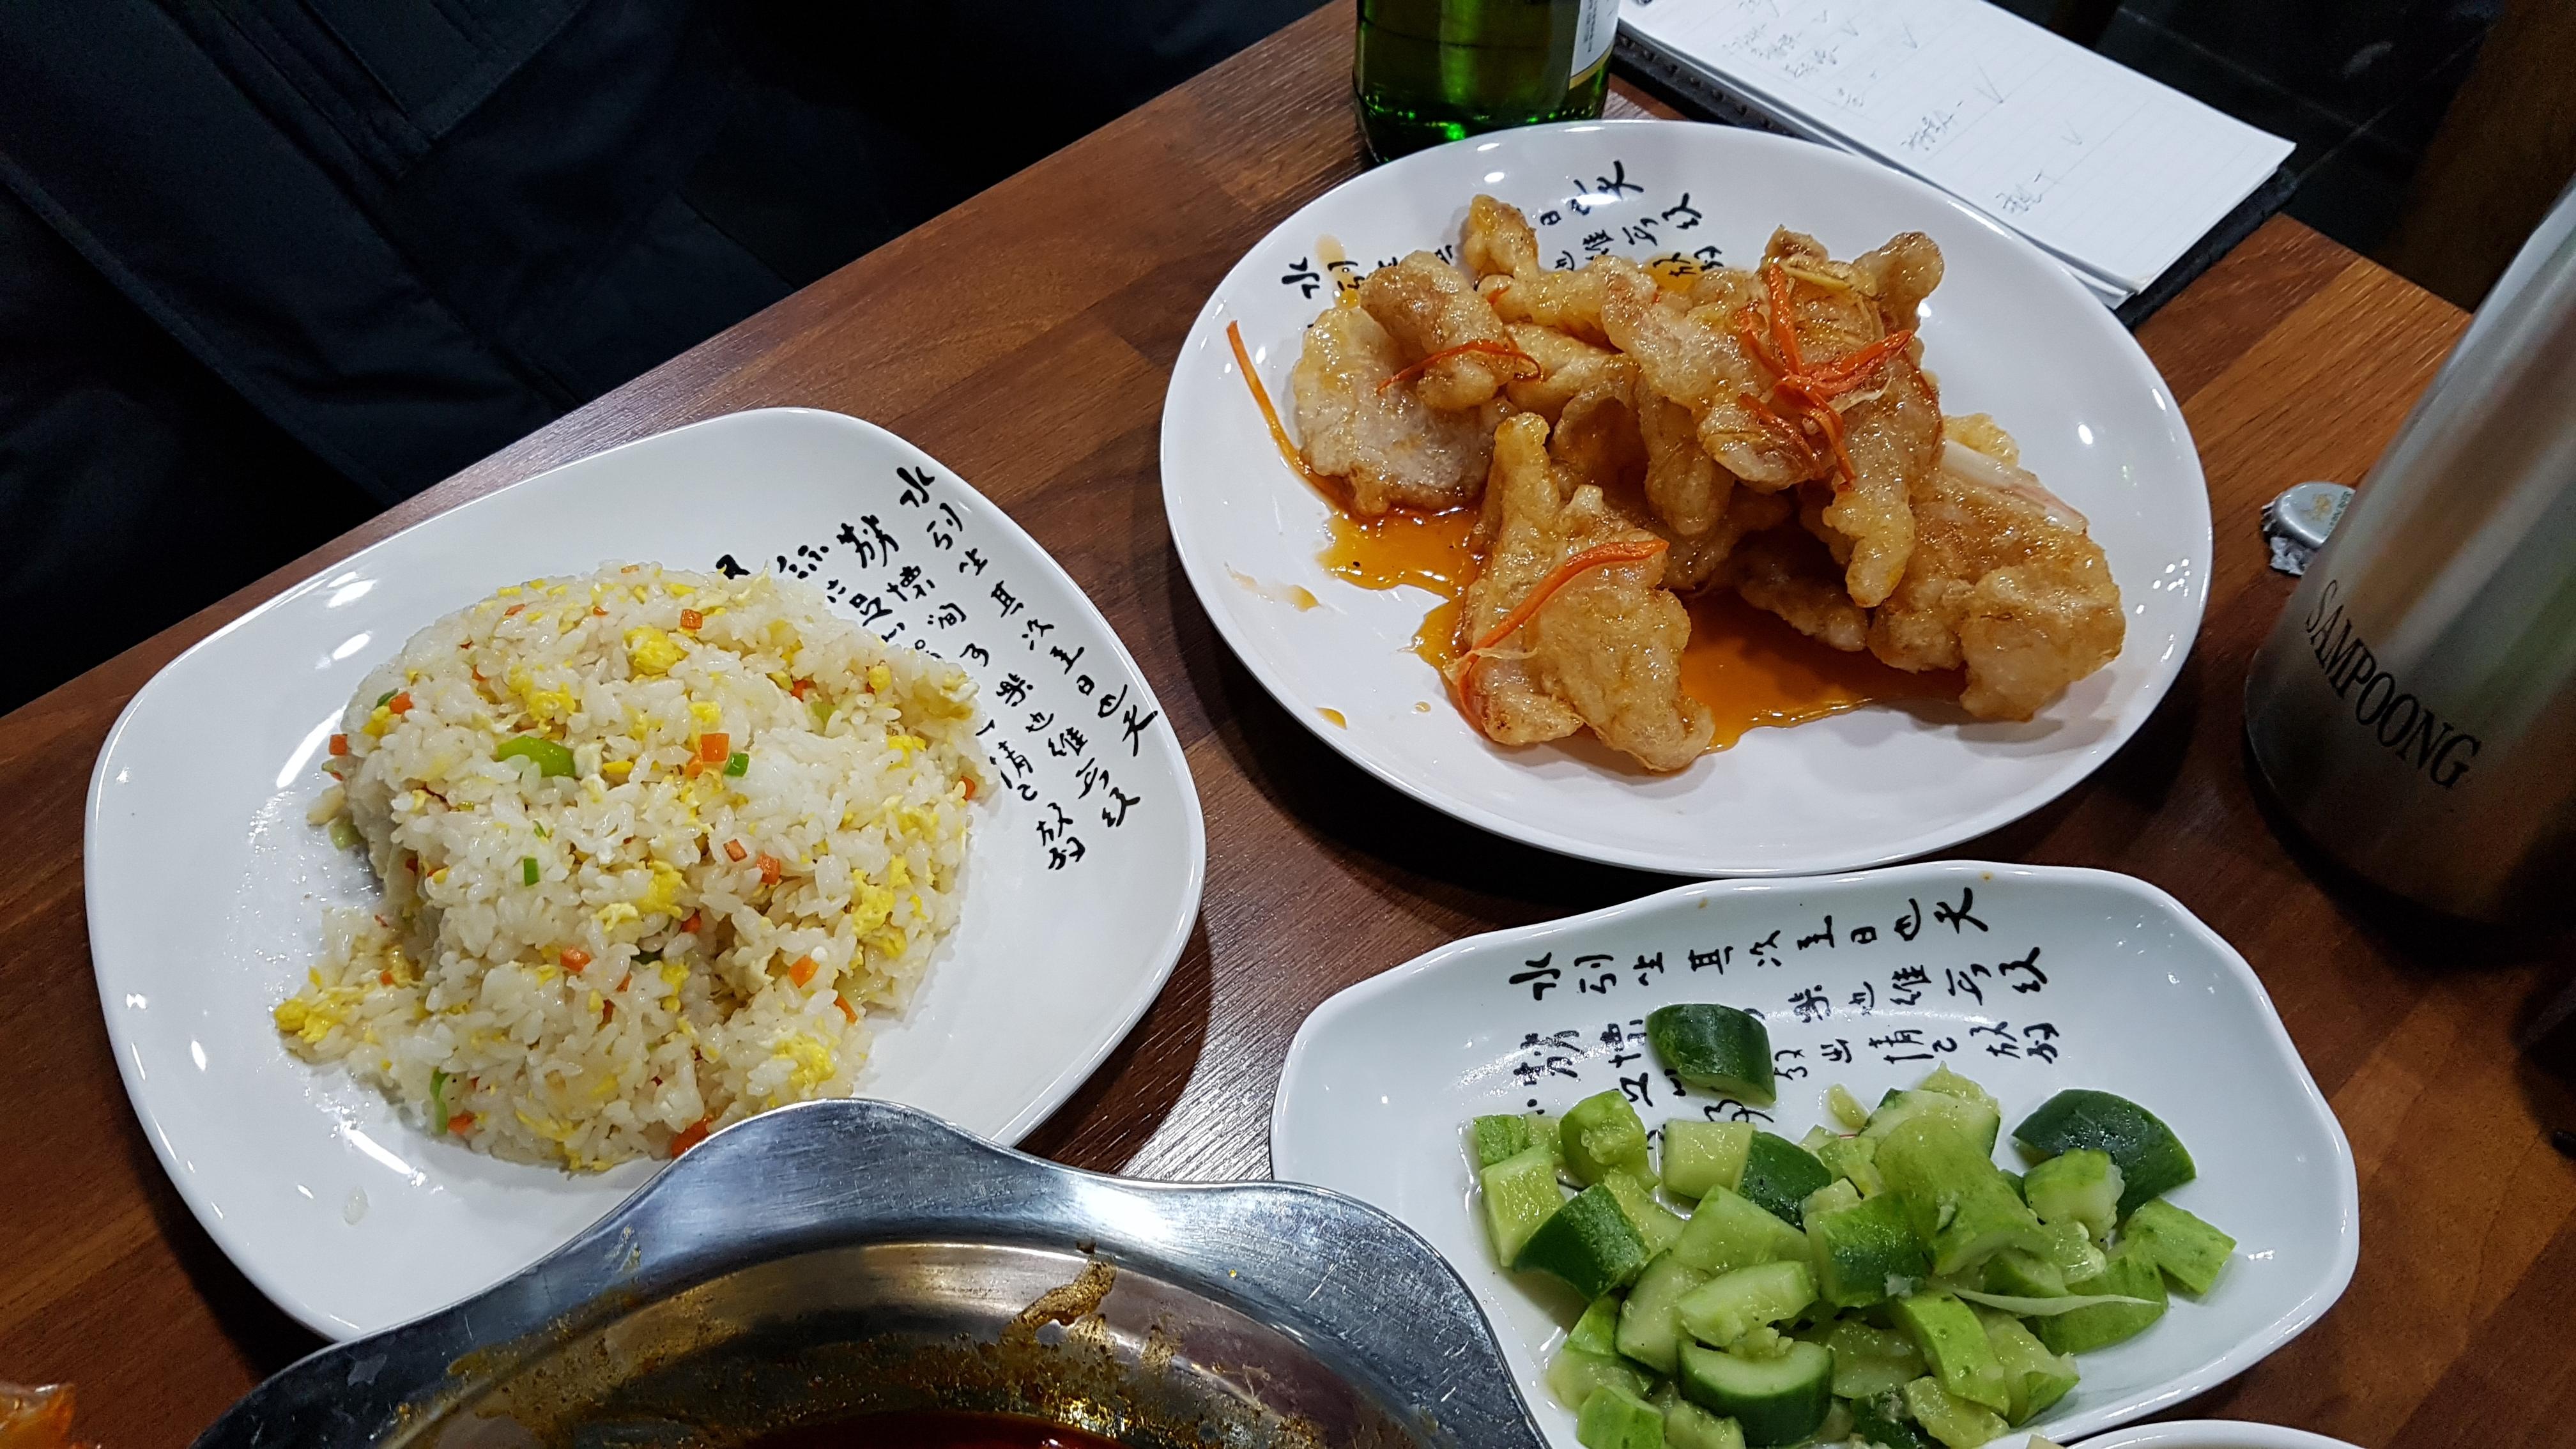 [동대문] 아직 아이먹어봤니? 매운 가재요리 - 마라룽샤, 가재, 가재 맛, 가재 소스, 가재 요리, 가재 크기, 감칠맛, 건두부피, 경장육사, 꿔바로우, 대두, 동대문 마라롱샤, 동대문 마라룽샤, 동대문 맛집, 두부피 쌈, 롱샤, 룽샤, 마라롱샤, 마라룽샤, 마라룽샤 까는 법, 마라룽샤 맛, 마라룽샤 먹는 법, 마라룽샤 소스, 매운 가재, 매운 가재 요리, 메뉴, 볶음밥, 분해, 생선구이, 샤오룽샤, 세트 메뉴, 진장로스, 진장로우쓰, 카오위, 특이한 중국 요리, 파트 회식, 하얼빈 맥주, 해룡 마라룽샤